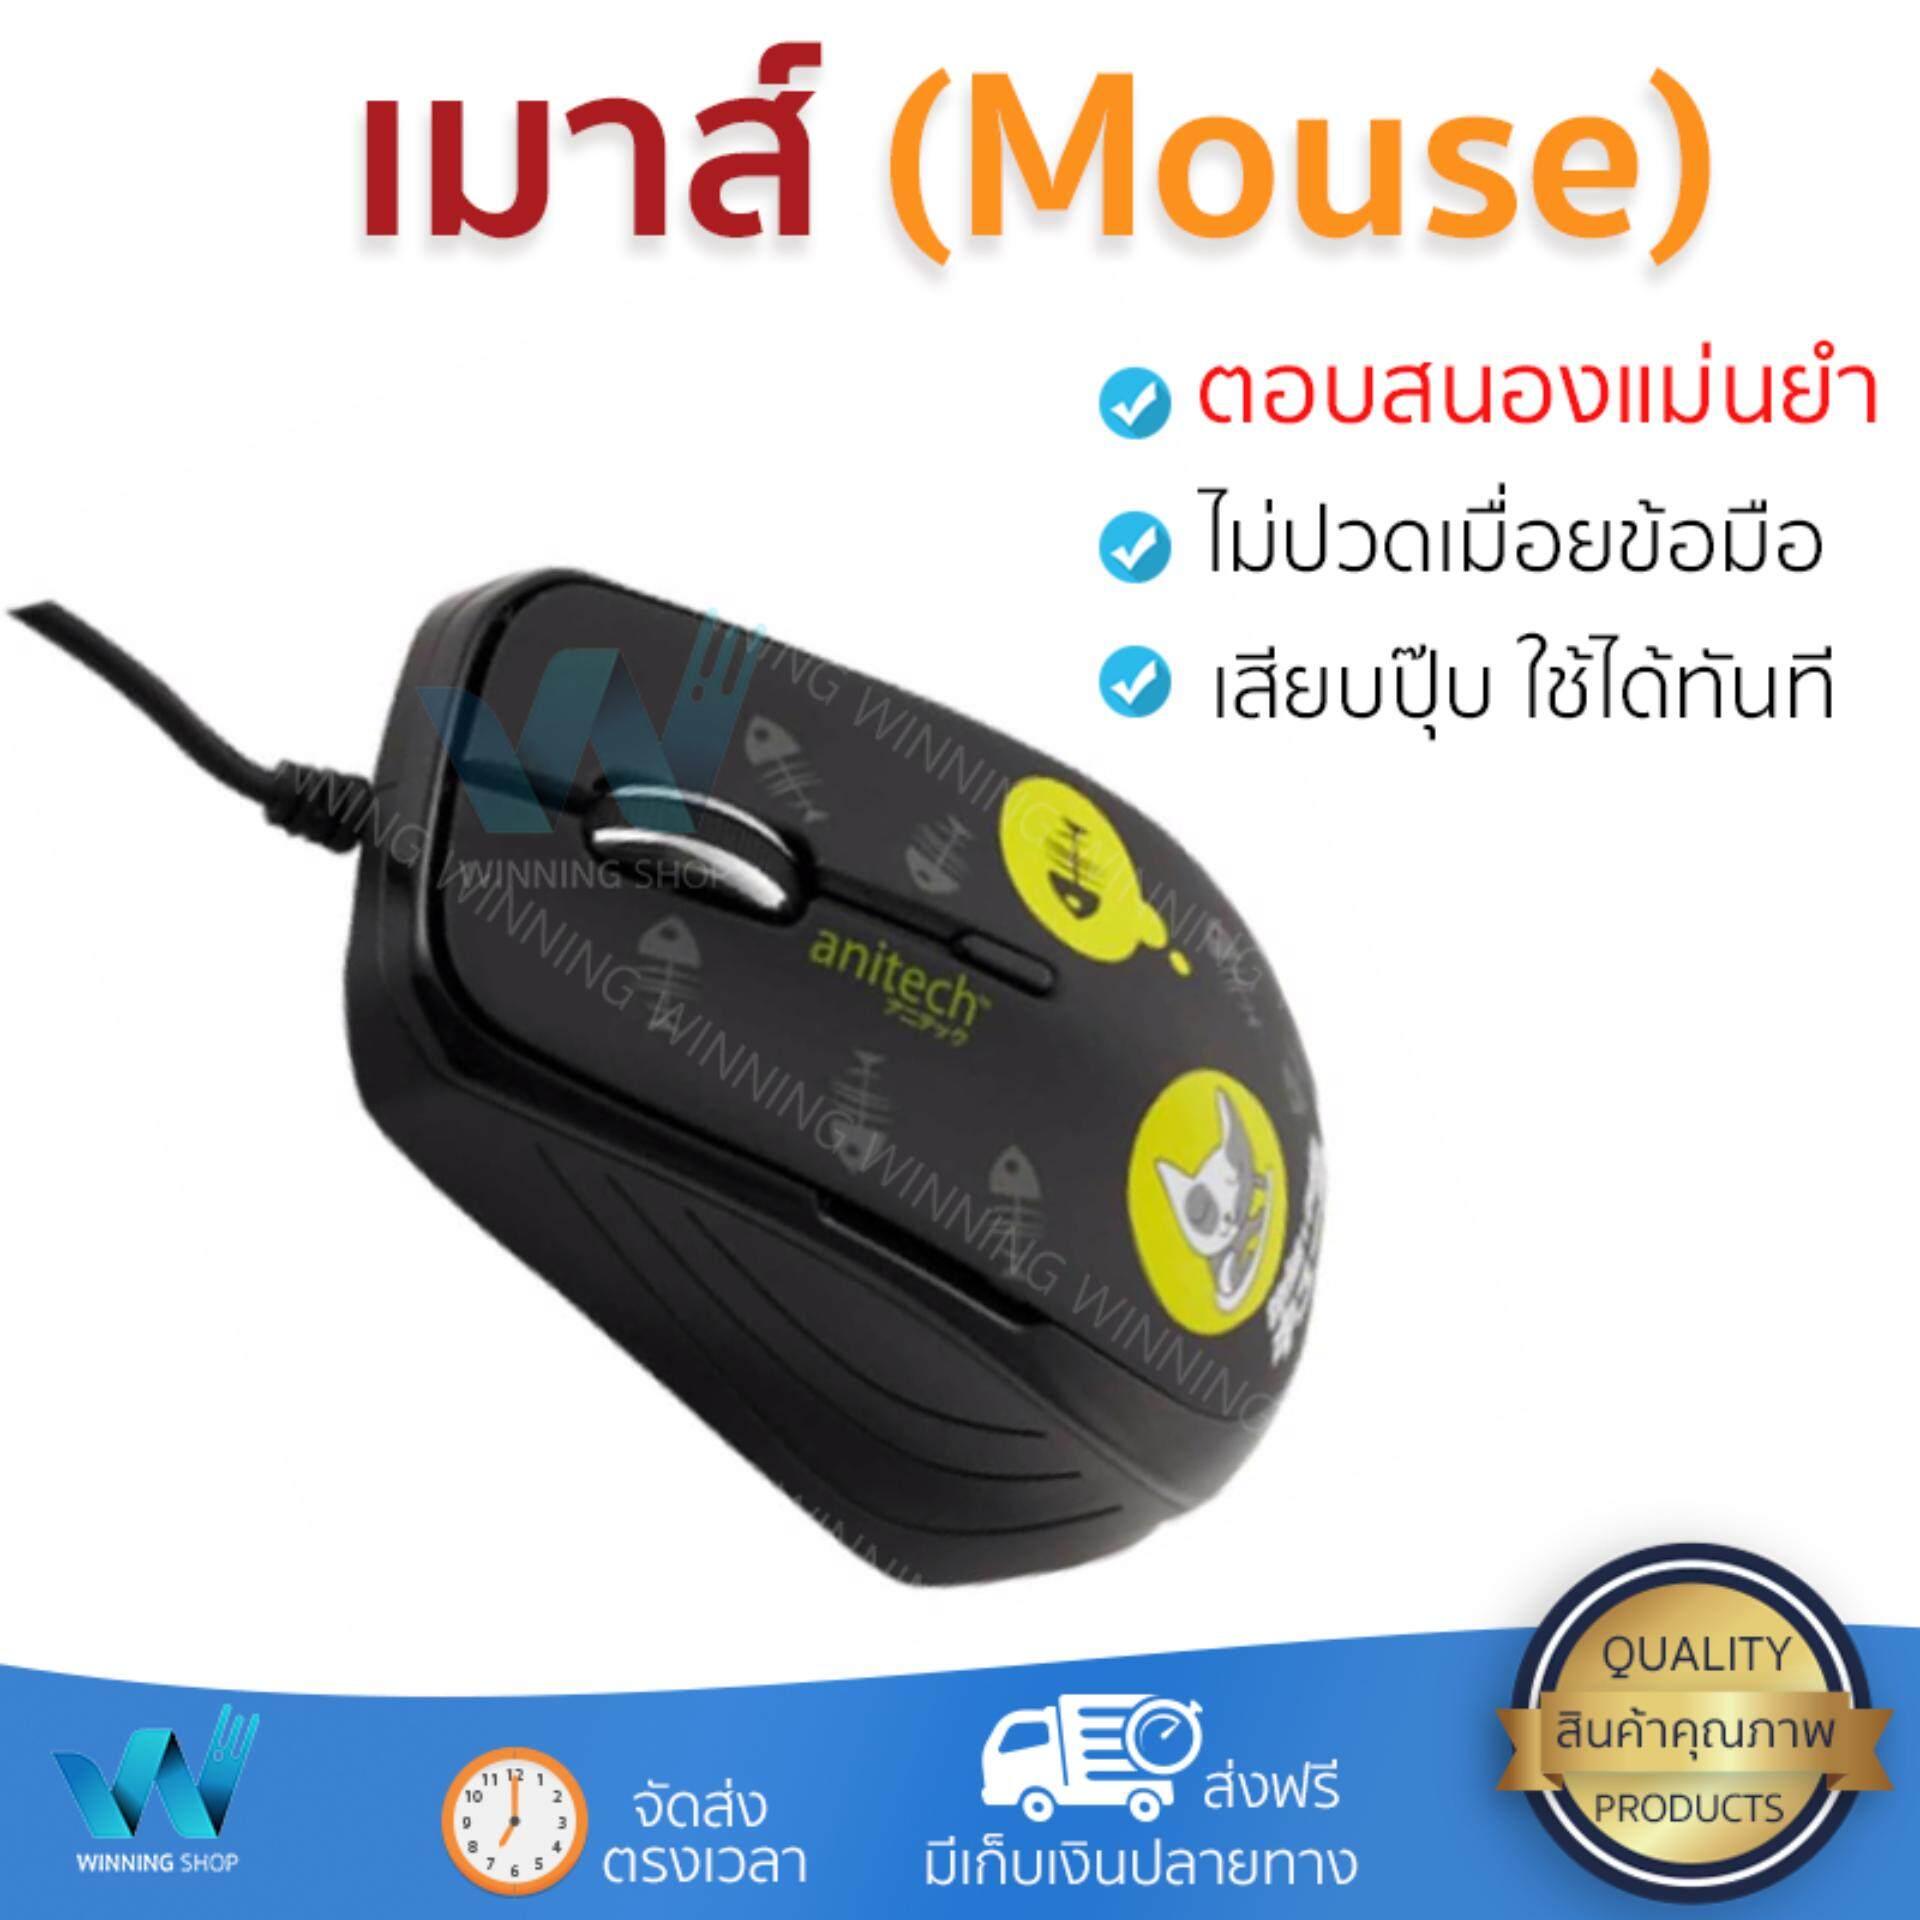 สุดยอดสินค้า!! รุ่นใหม่ล่าสุด เมาส์           ANITECH เมาส์ (สีดำ) รุ่น A531             เซนเซอร์คุณภาพสูง ทำงานได้ลื่นไหล ไม่มีสะดุด Computer Mouse  รับประกันสินค้า 1 ปี จัดส่งฟรี Kerry ทั่วประเทศ